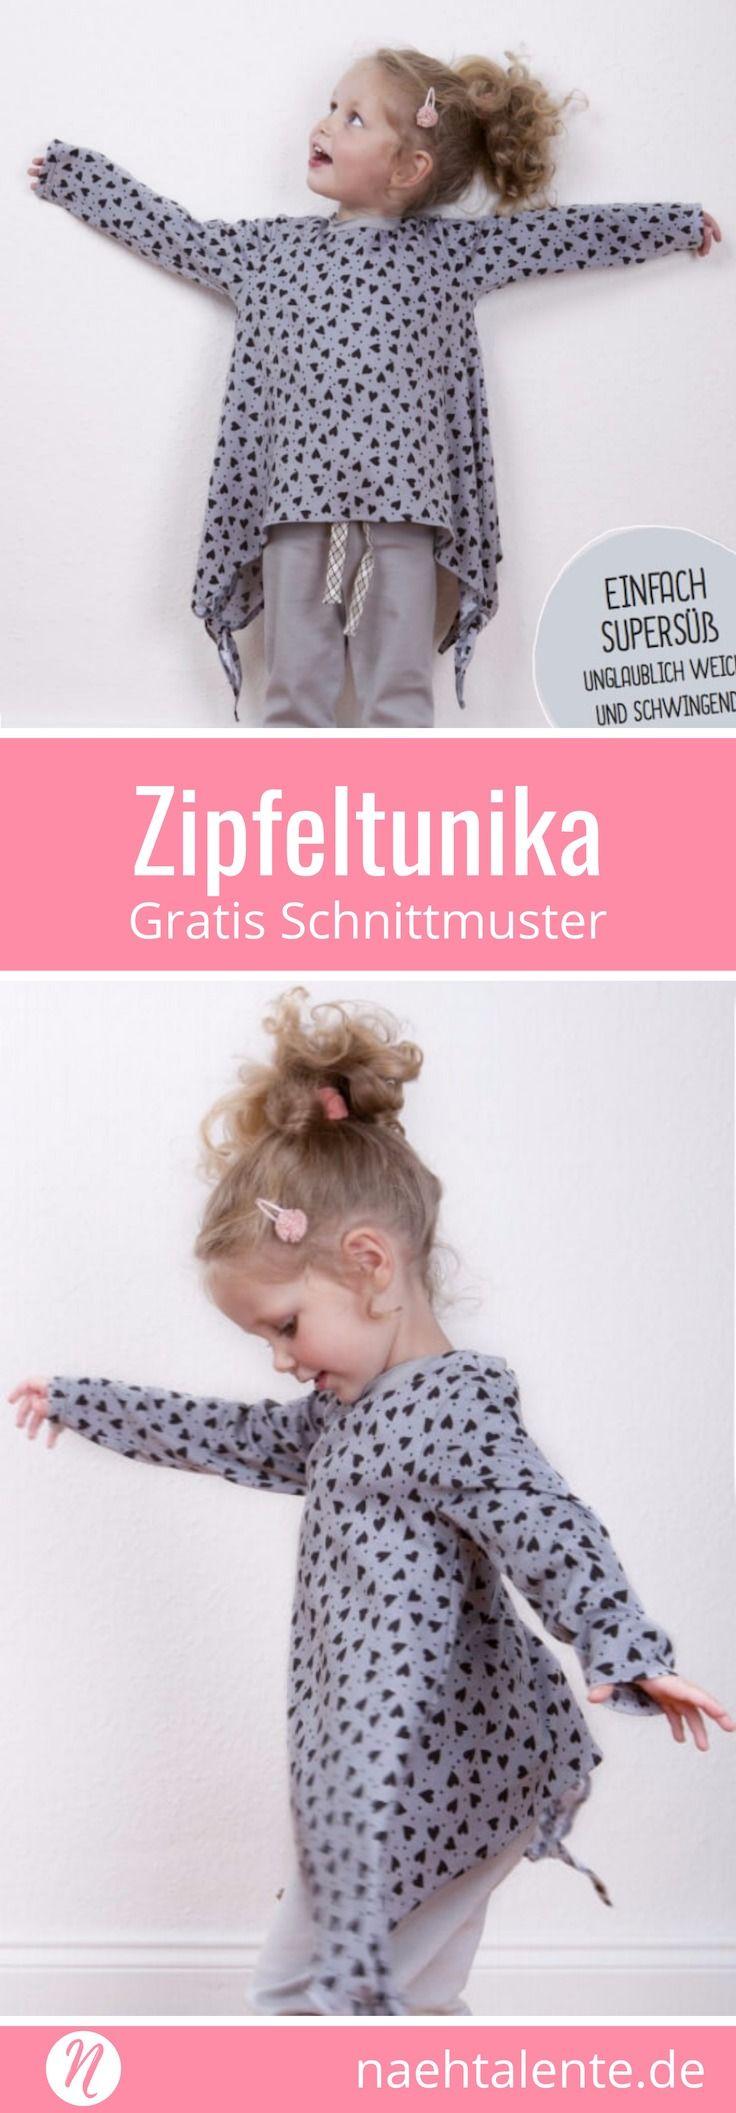 Zipfeltunika für Mädchen - Freebook | Babies, Patterns and Sewing ideas